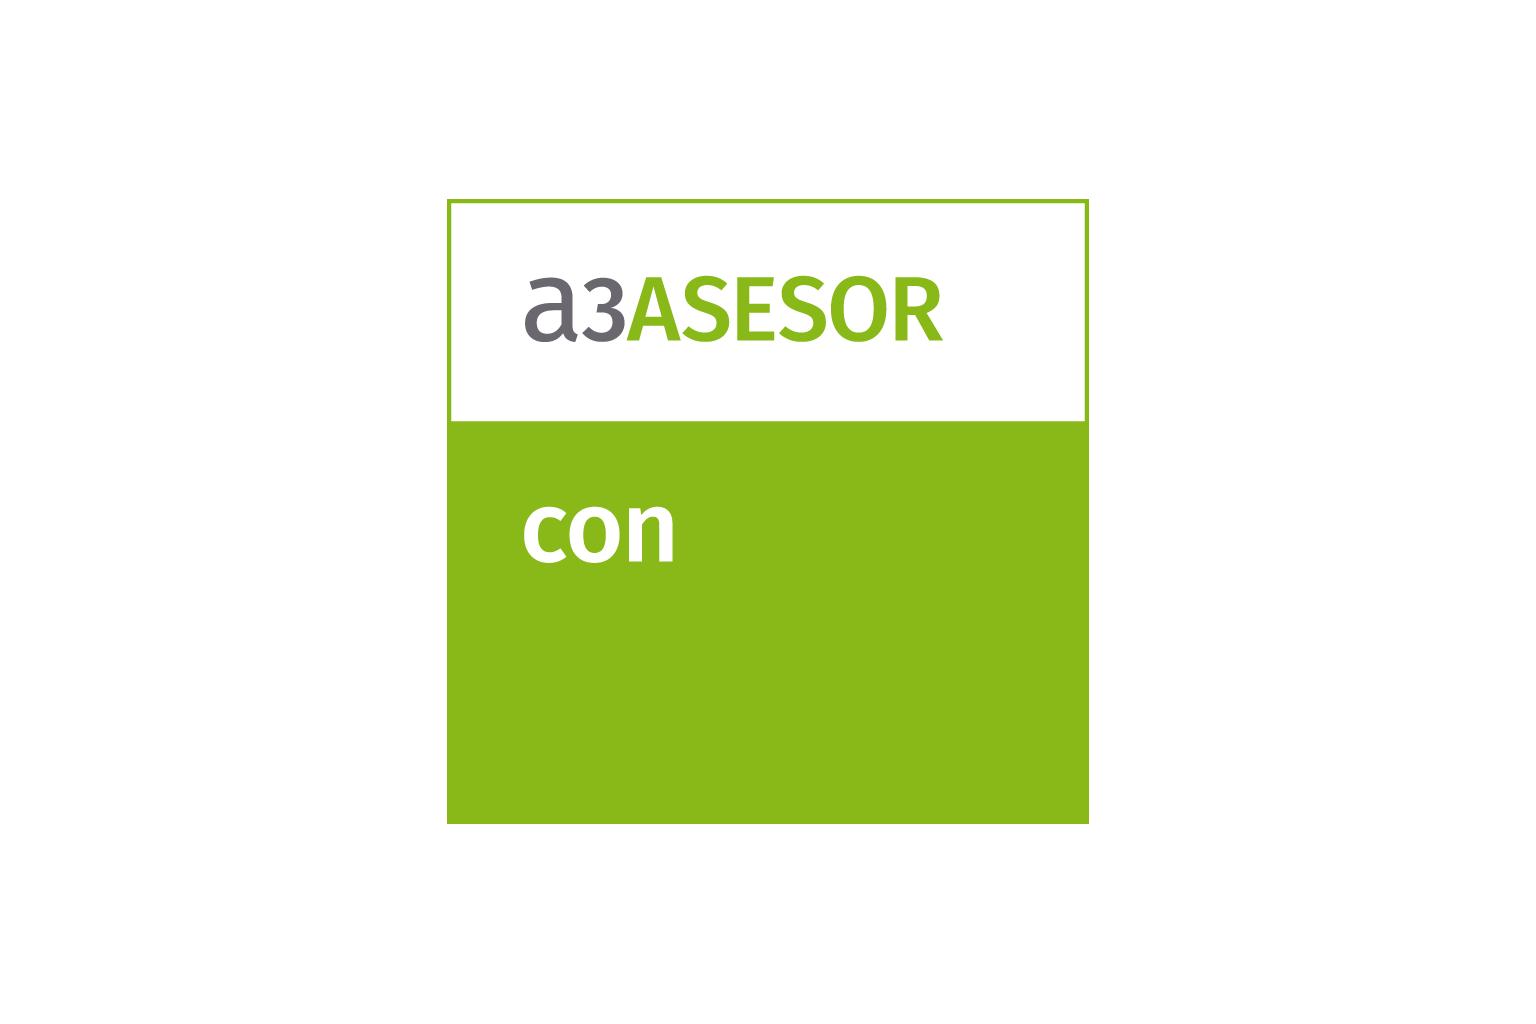 a3ASESOR-con-2